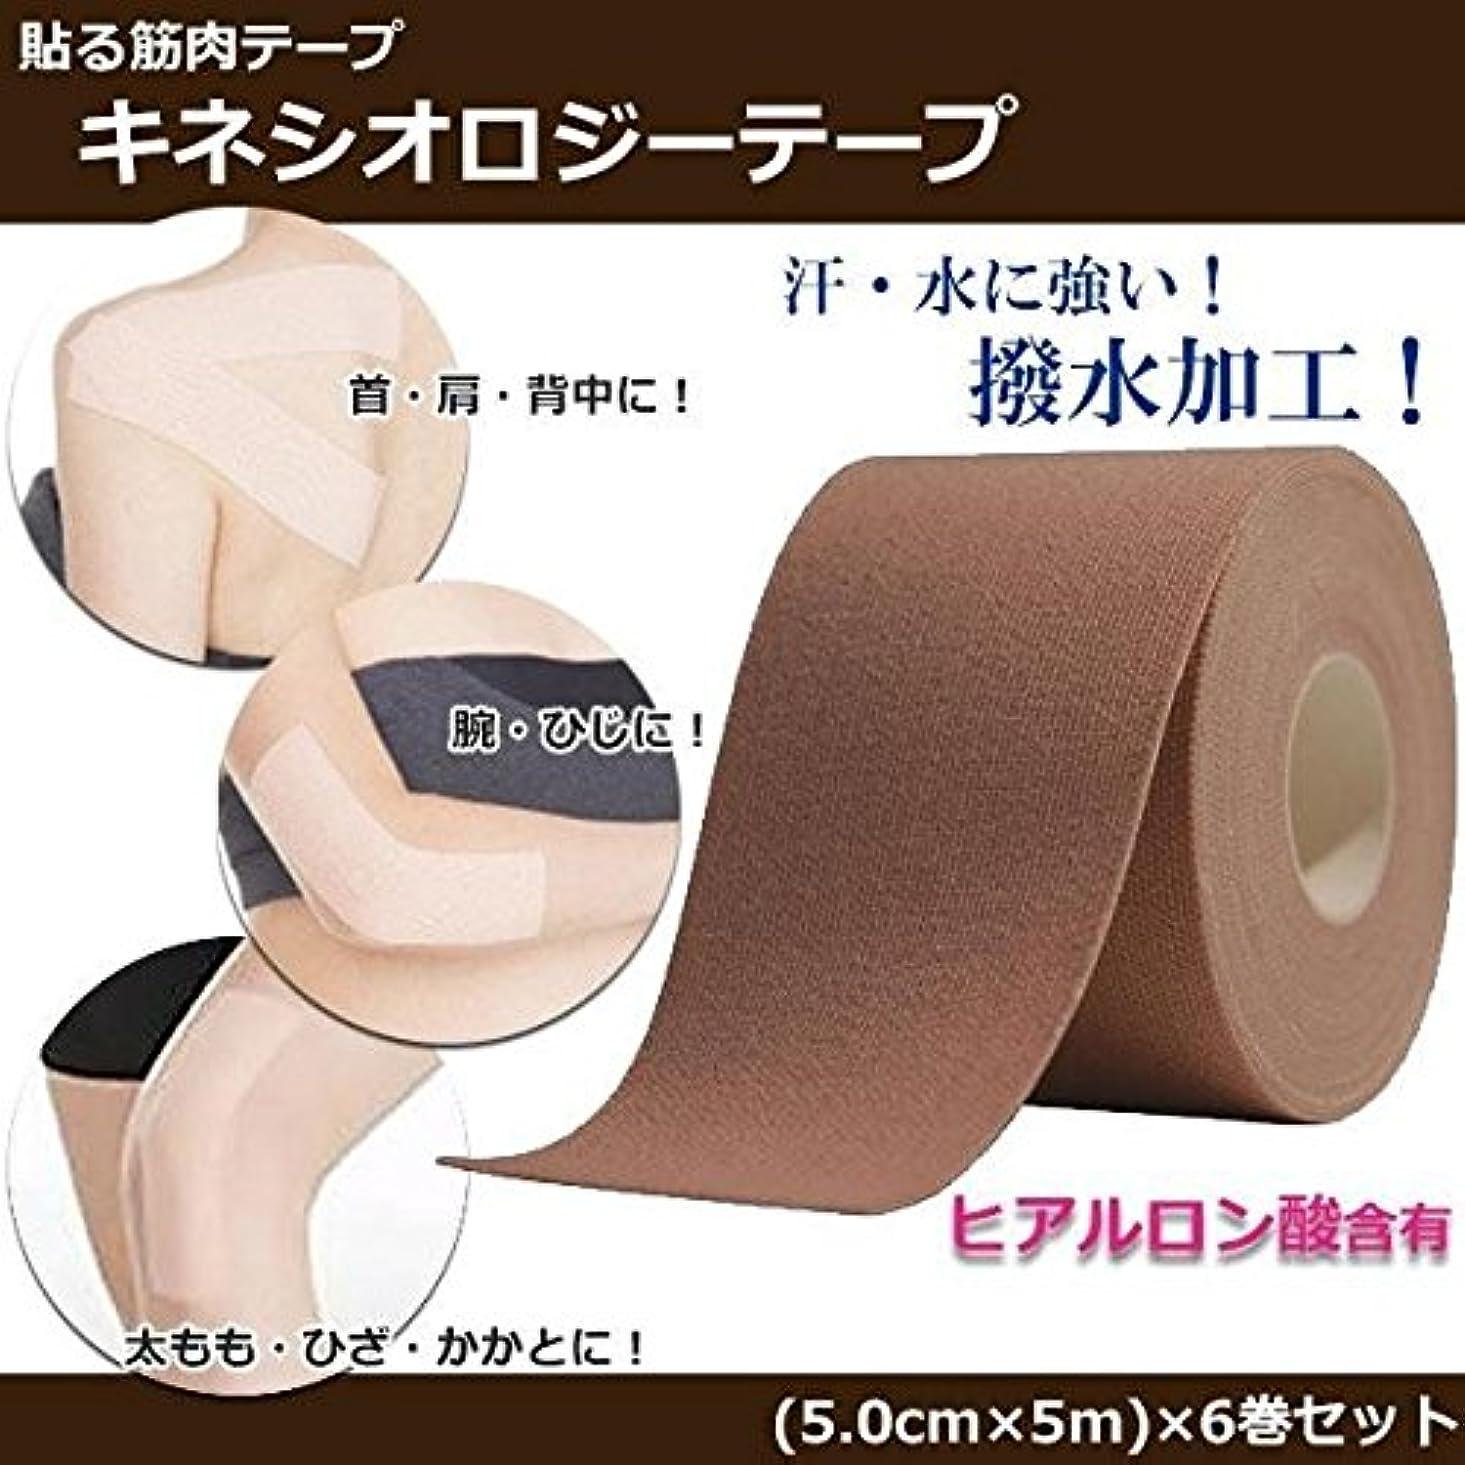 味付け足枷汚染する貼る筋肉テープ キネシオロジーテープ ヒアルロン酸含有 日本製 6巻セット